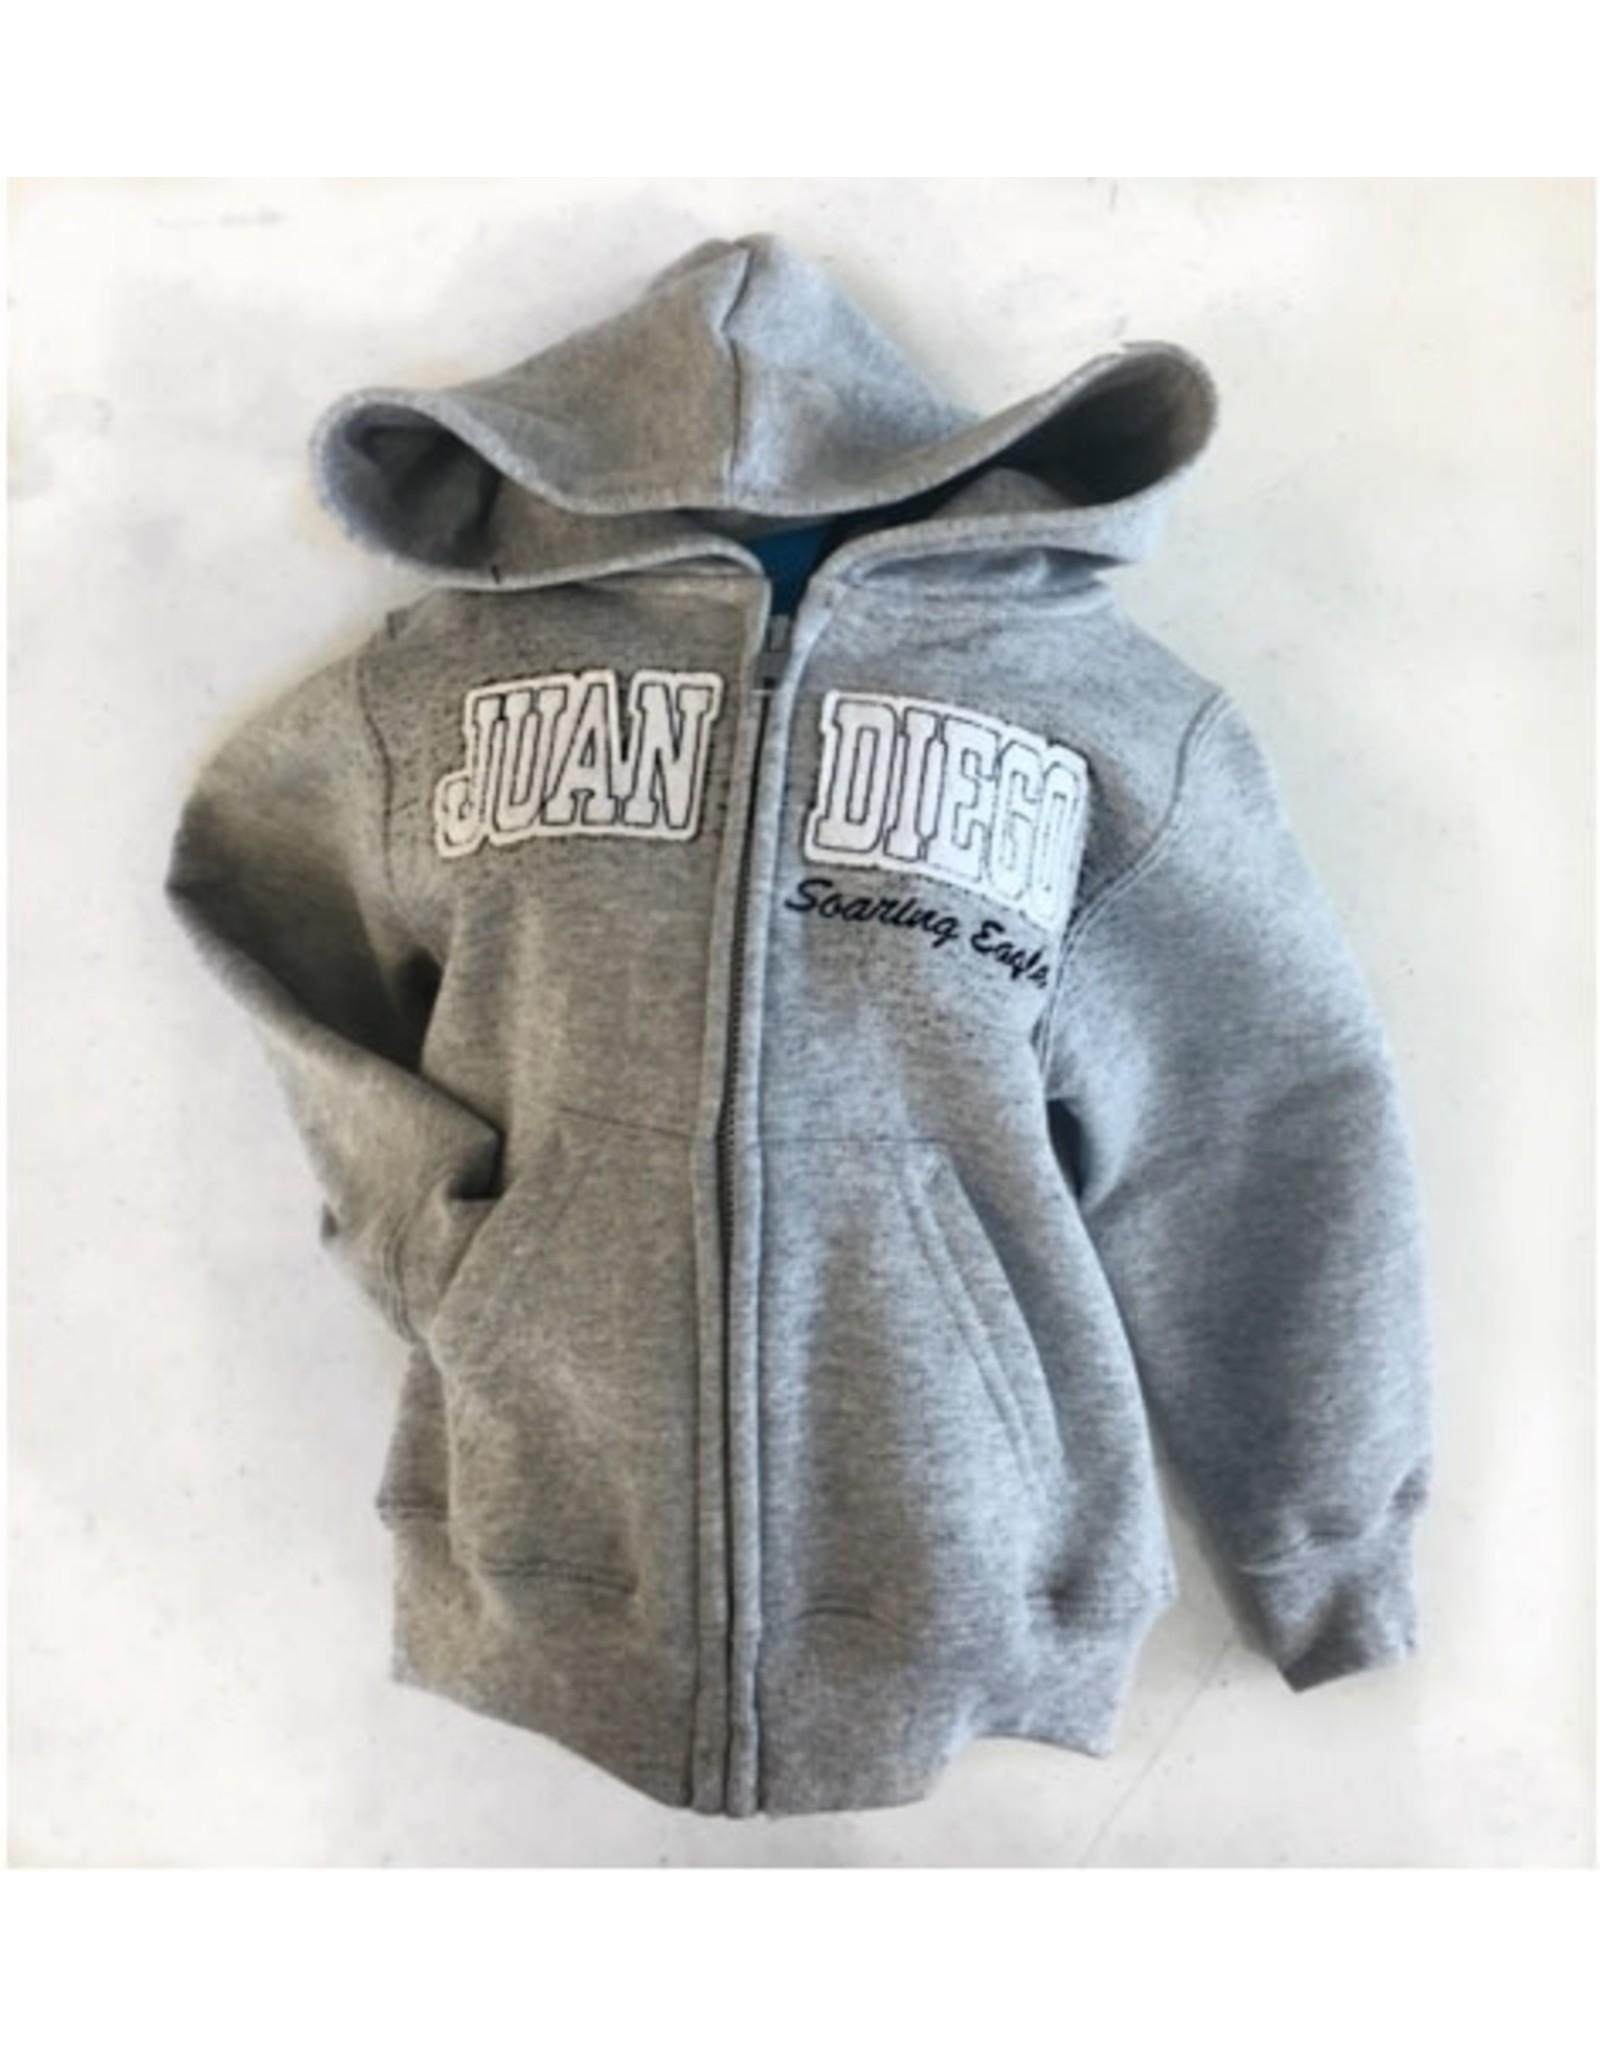 NON-UNIFORM Toddler/Infant - Zip Hoodie, Gray